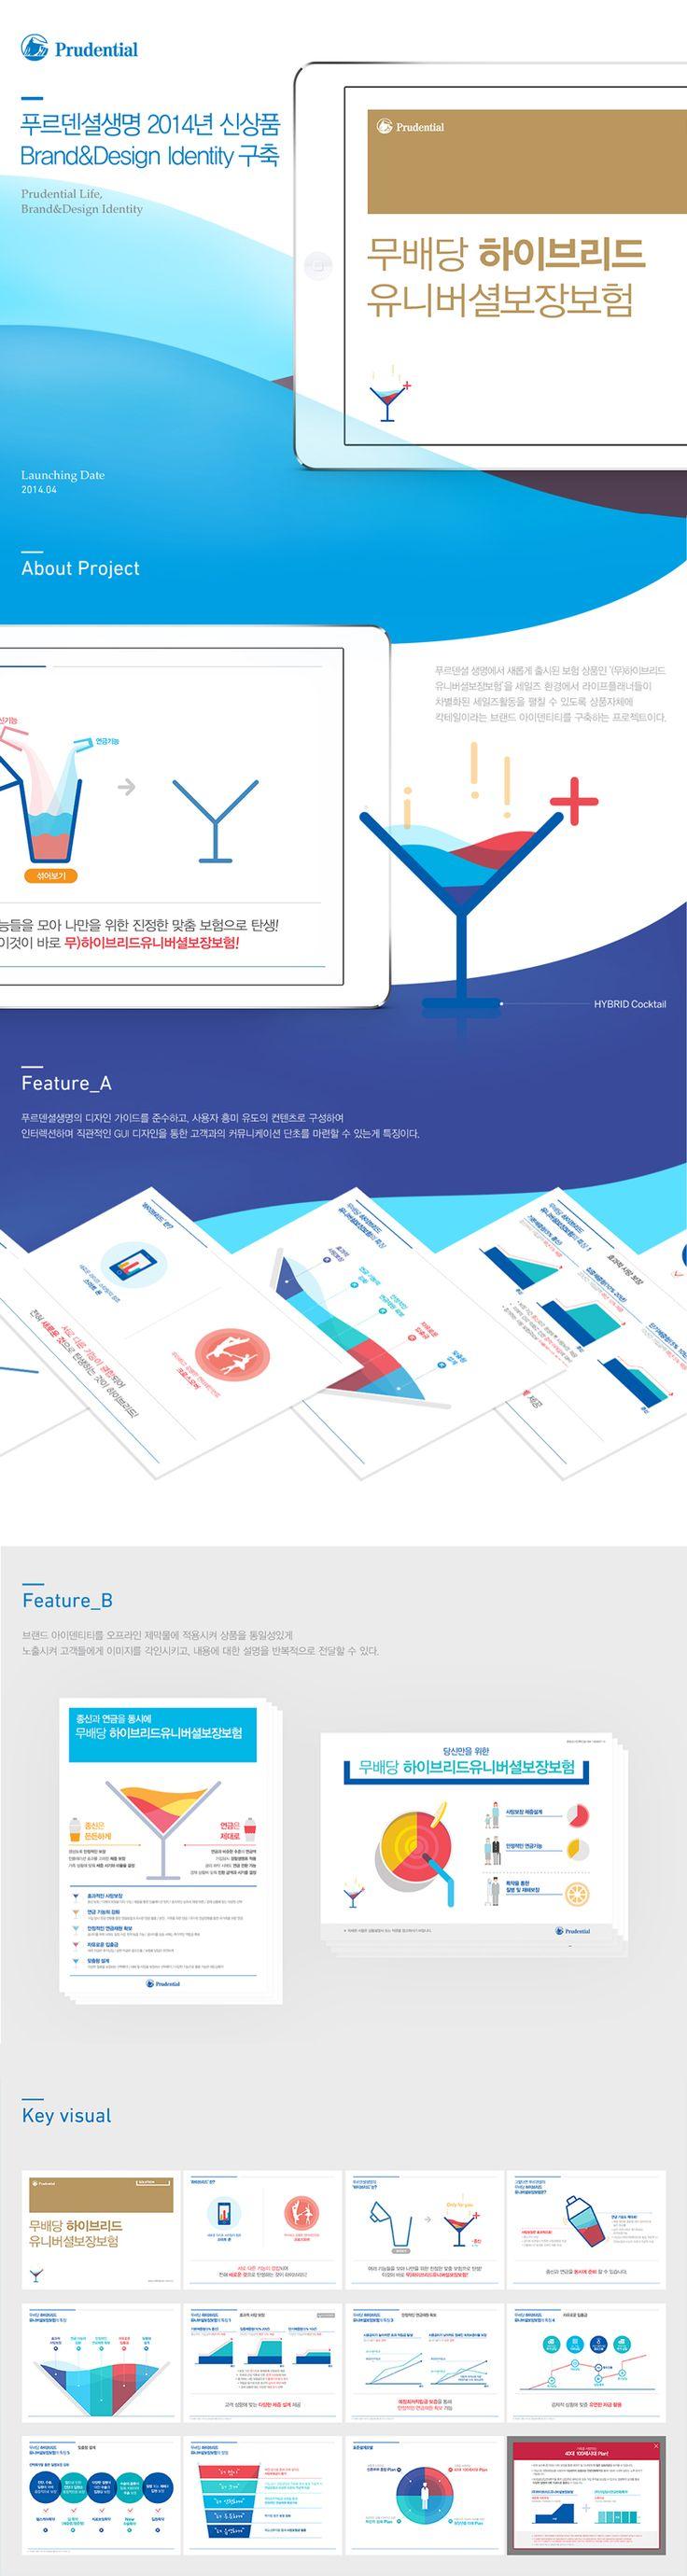 푸르덴셜 2014 신상품Brand&Design Identity 구축 #edacom